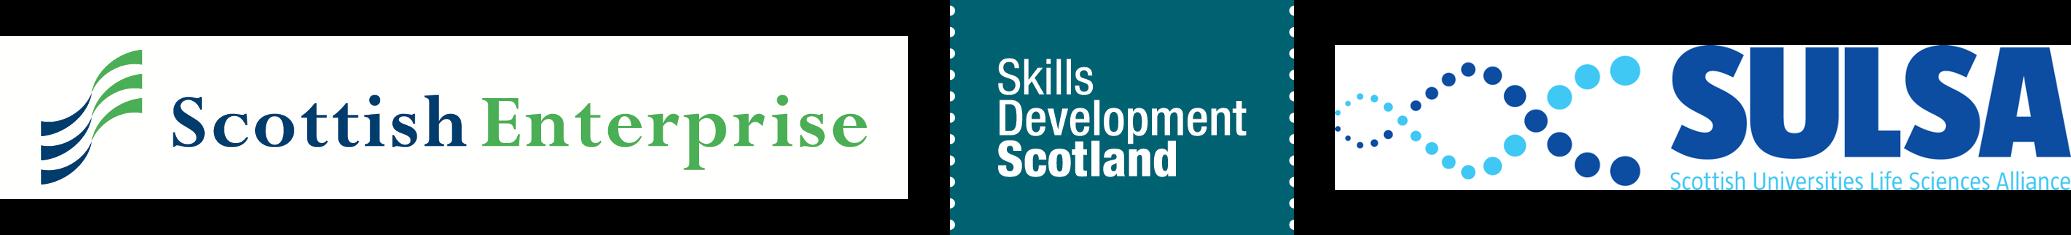 Scottish Enterprise, Skills Development Scotland a